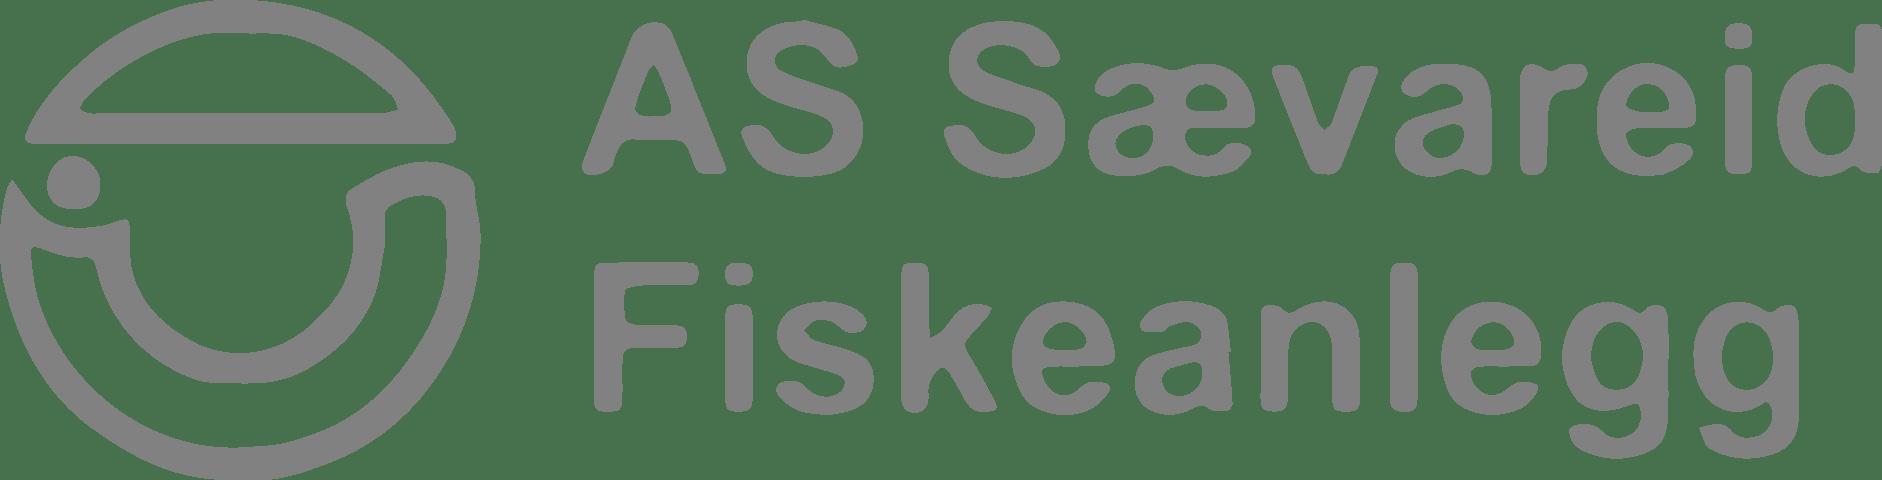 AS Sævareid Fiskeanlegg